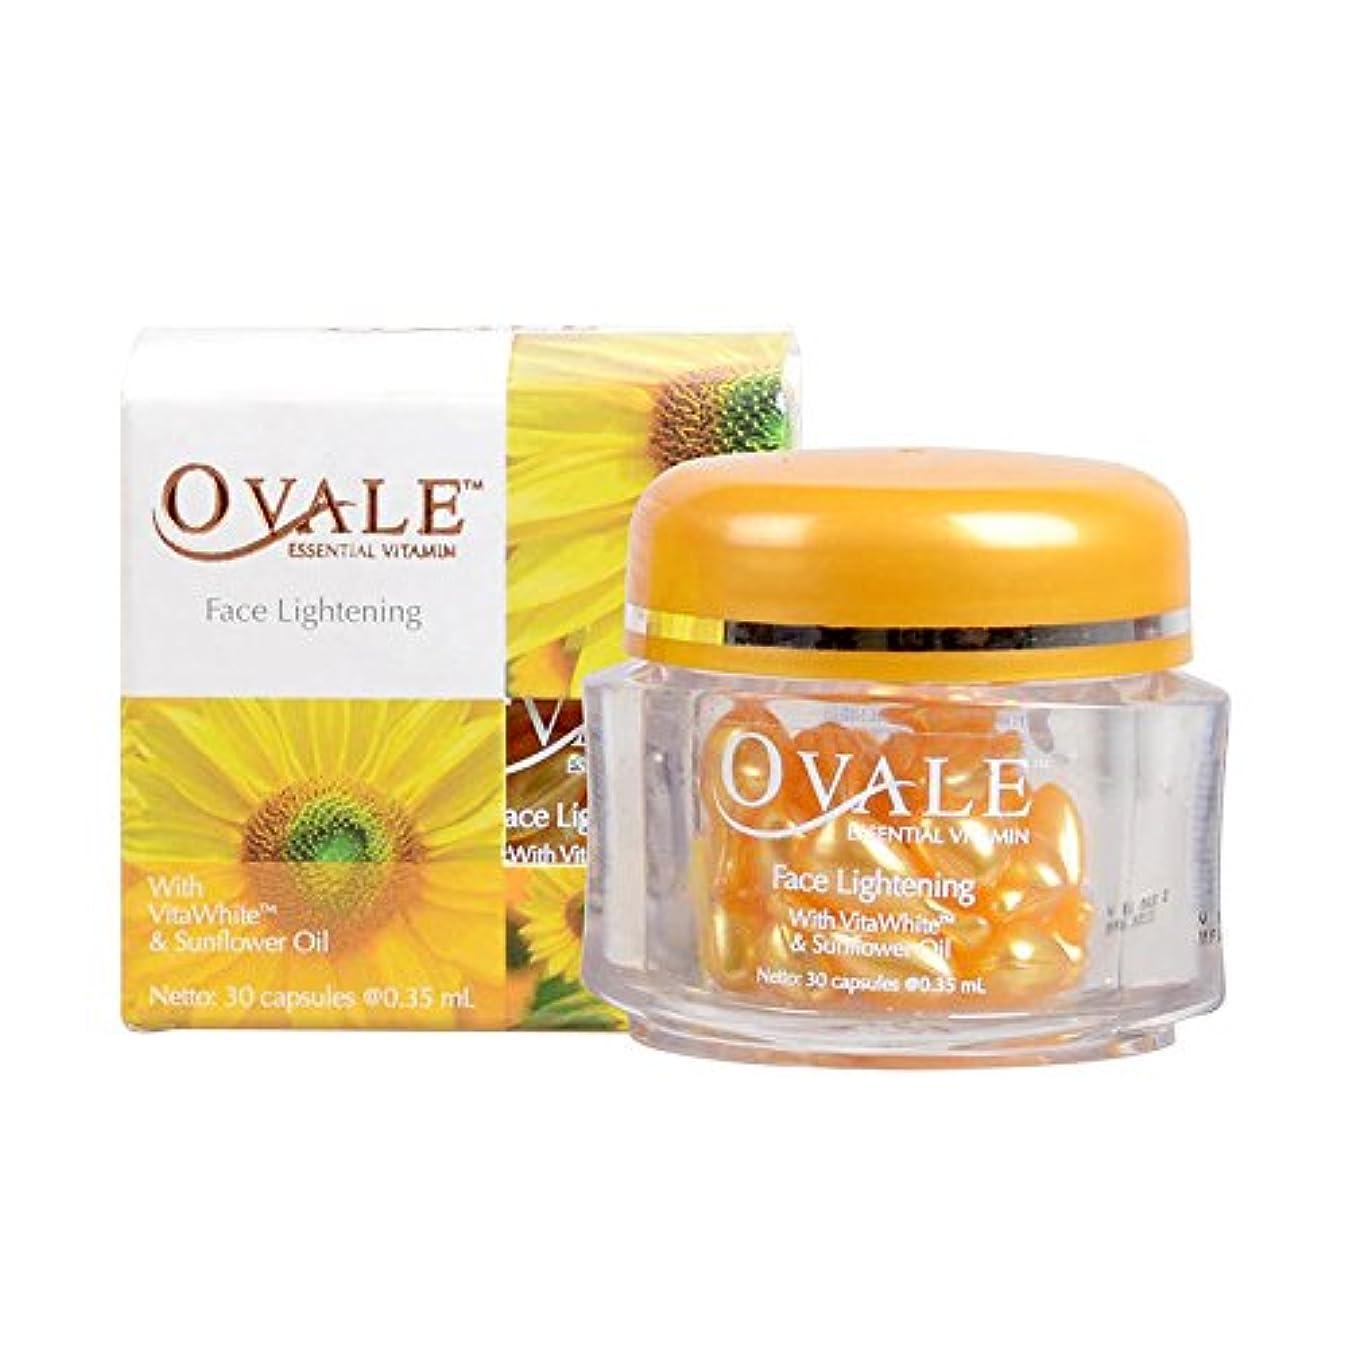 良さパズル打撃Ovale オーバル フェイシャル美容液 essential vitamin エッセンシャルビタミン 30粒入ボトル×2個 サンフラワー [海外直送品]